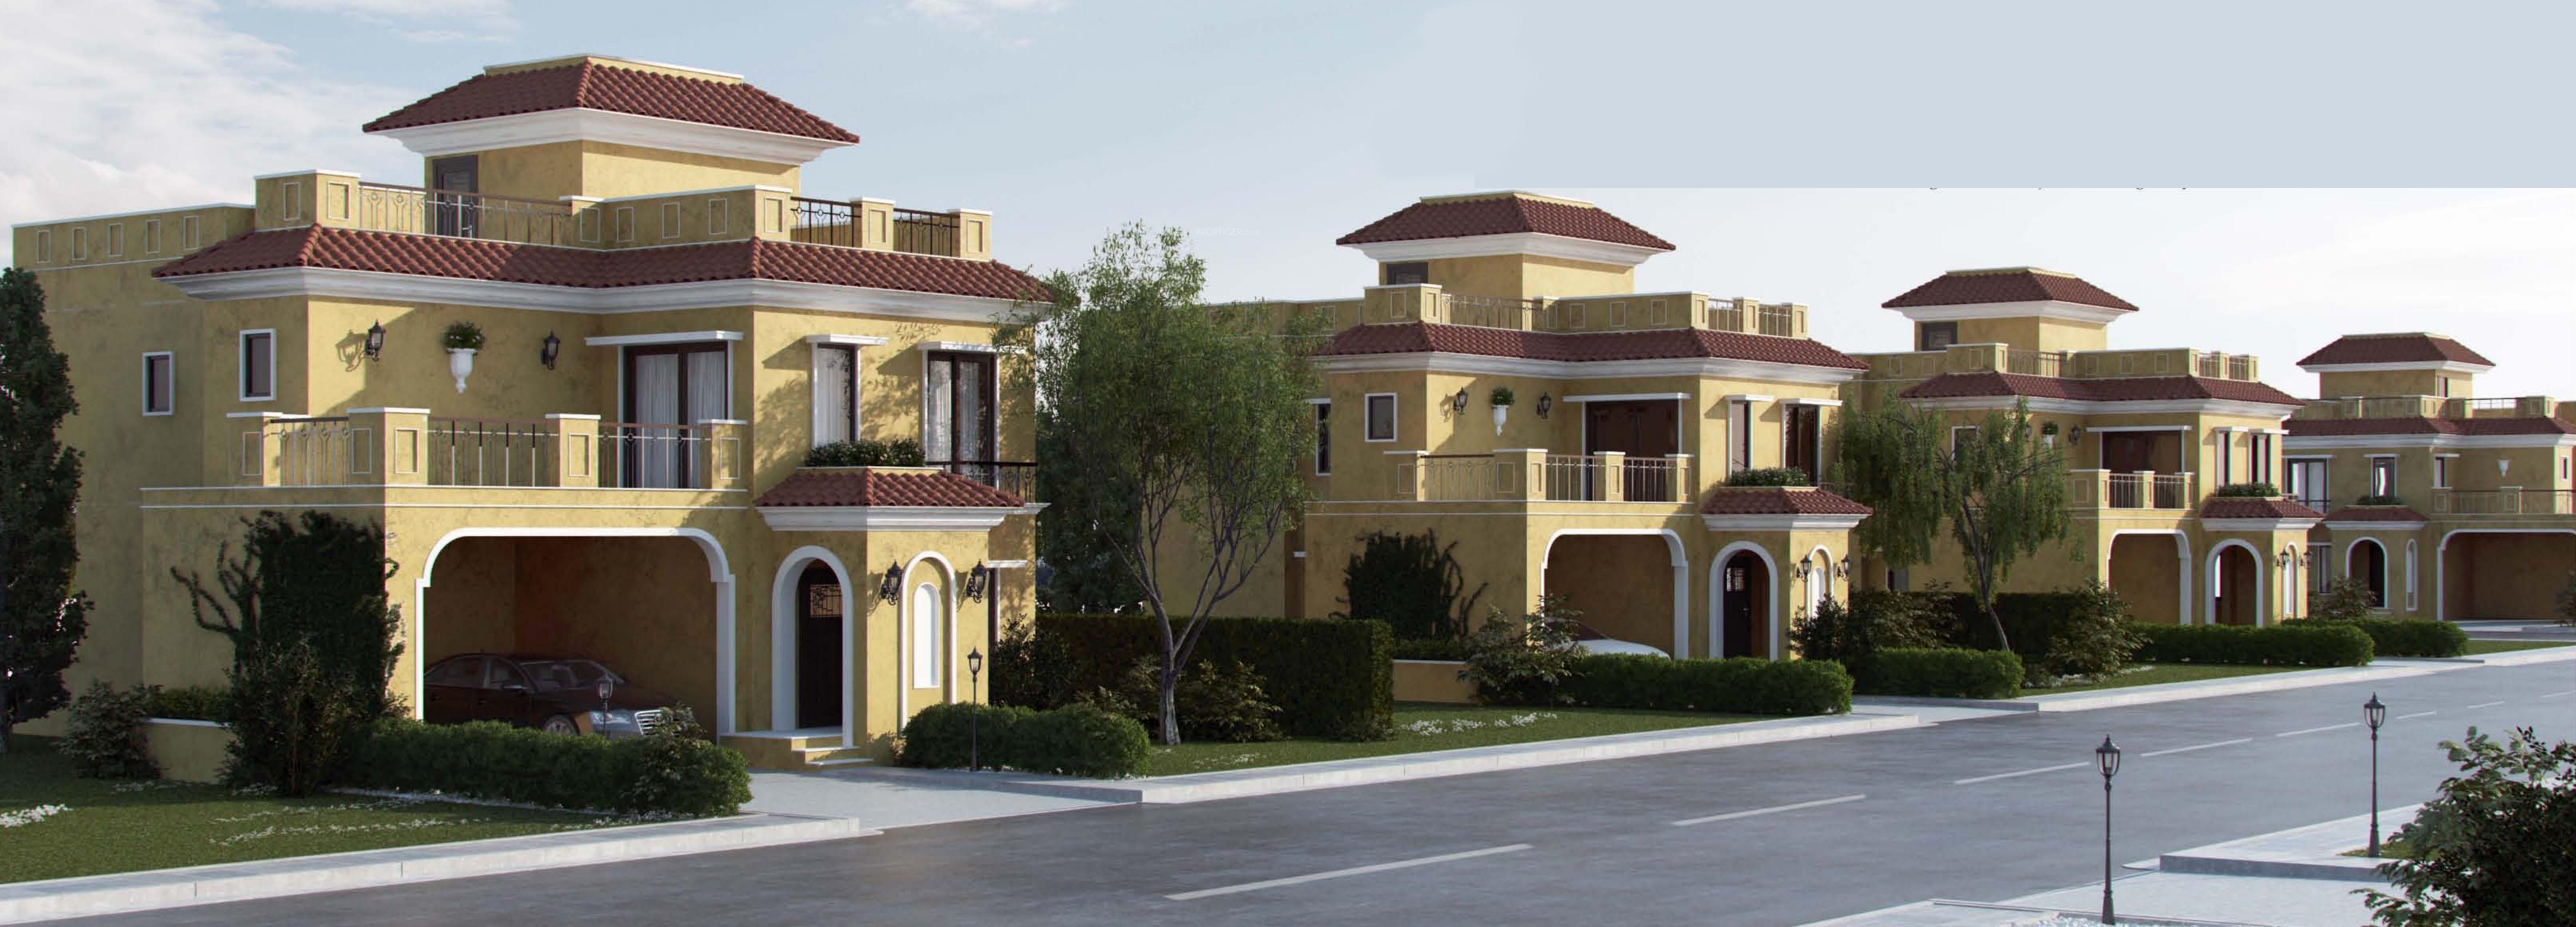 Elysium Villa PrimeroOthers Elysium Villa Primero in